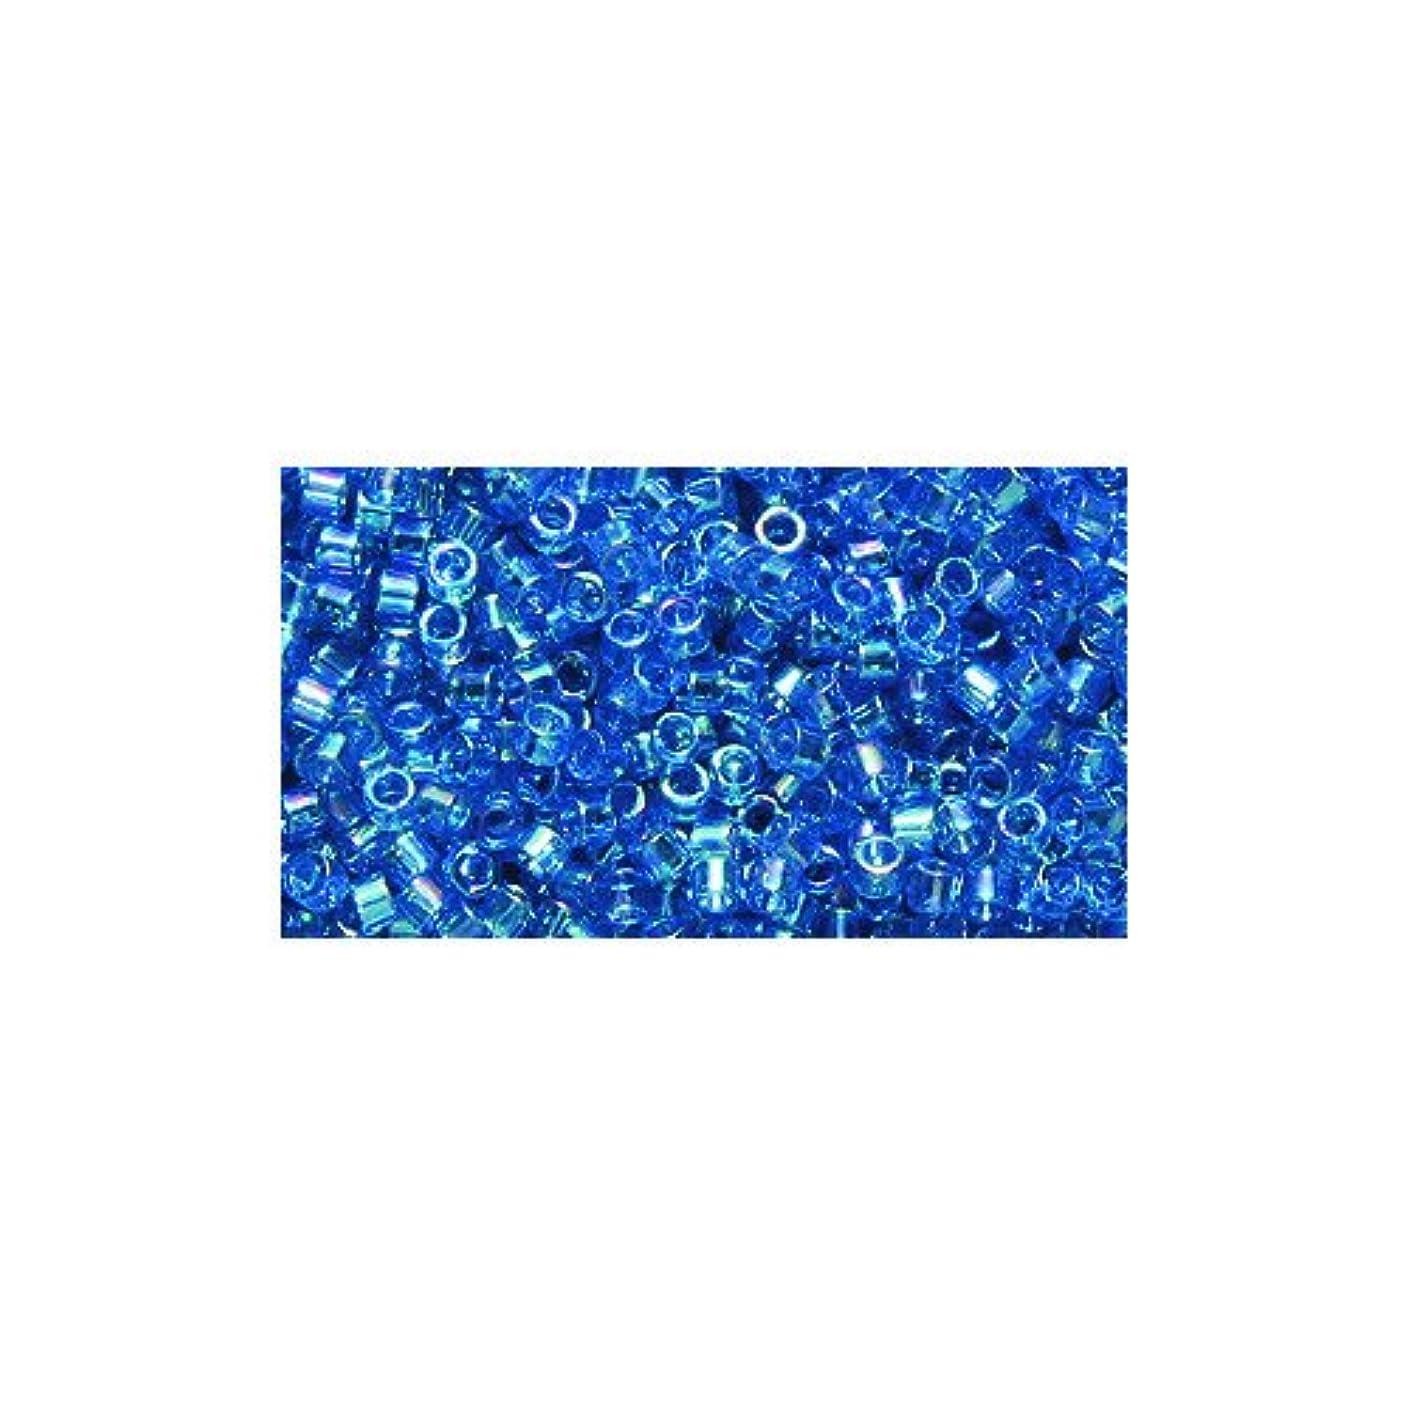 Miyuki Delica Seed Bead 11/0 DB177, Transparent Aquamarine Aurora Borealis Finish, 9-Gram/Pack